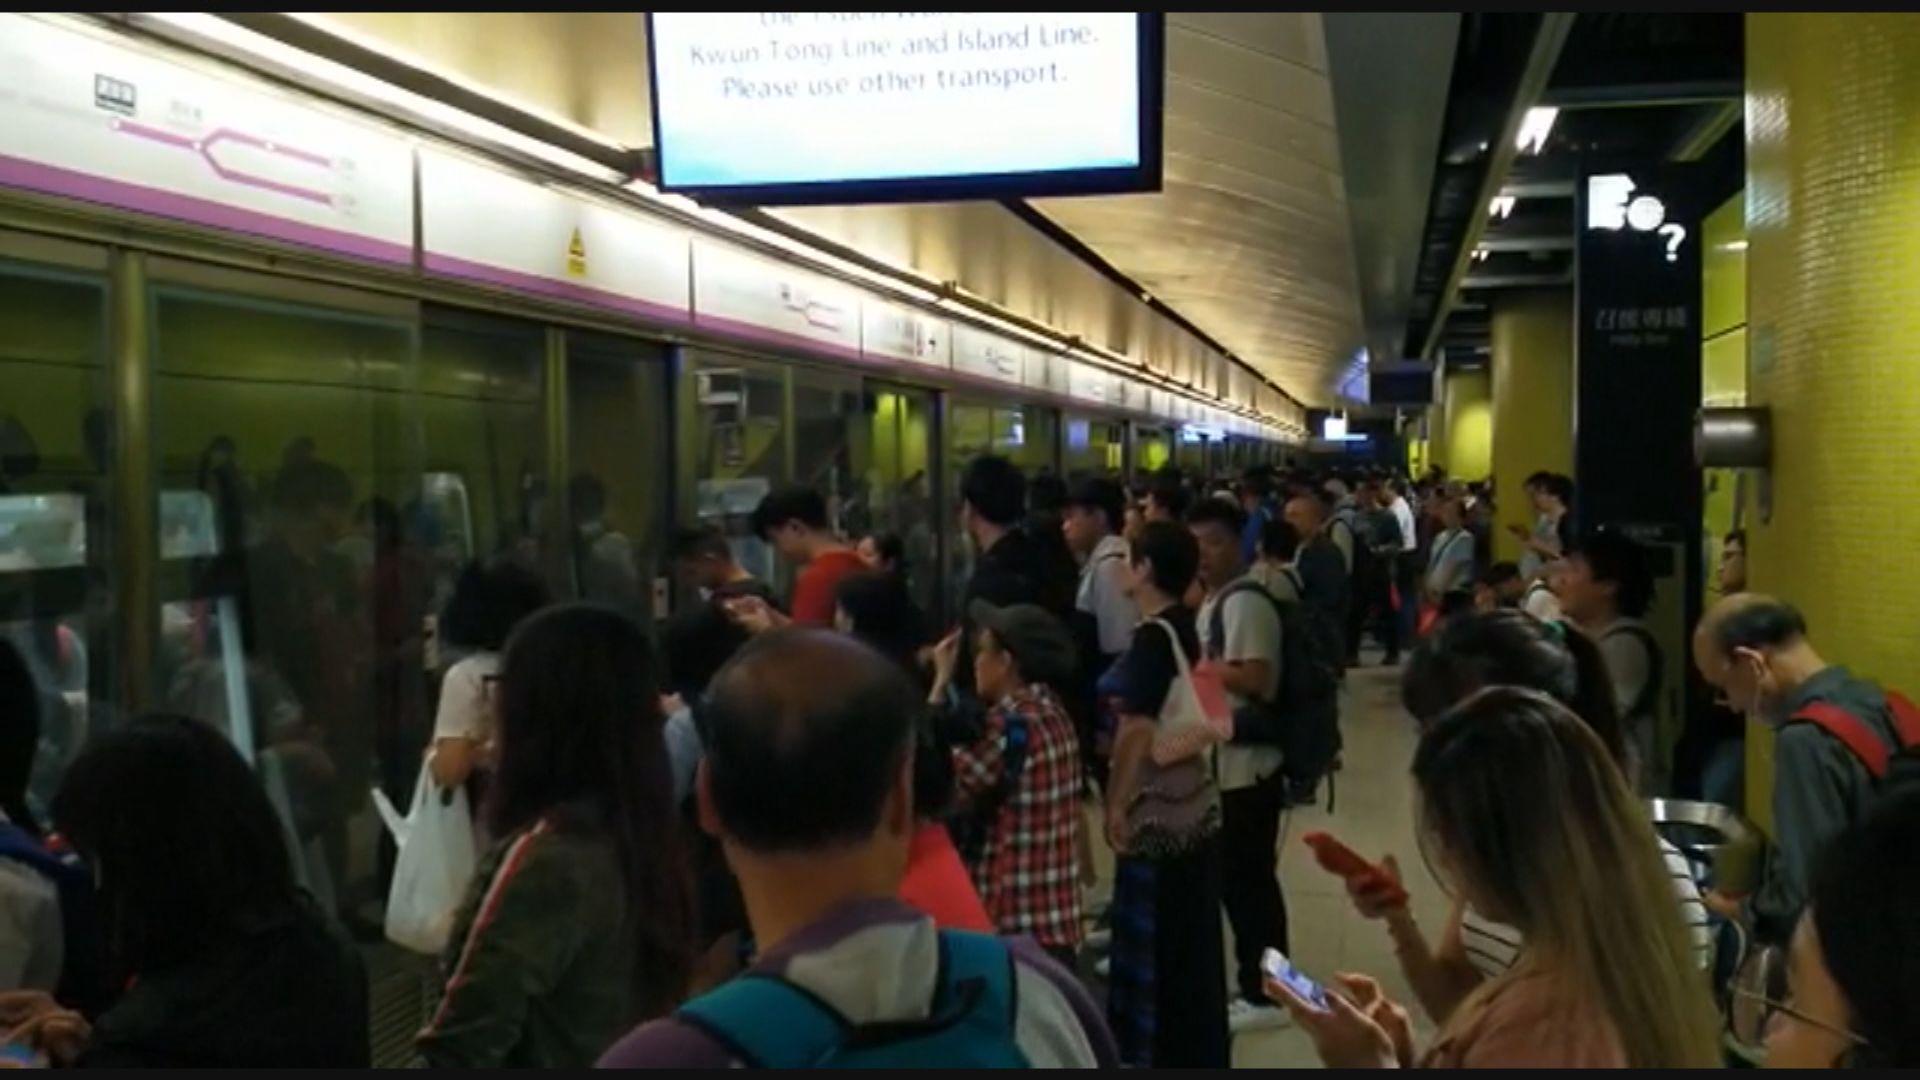 港鐵將軍澳綫信號故障 北角至寶琳列車延誤